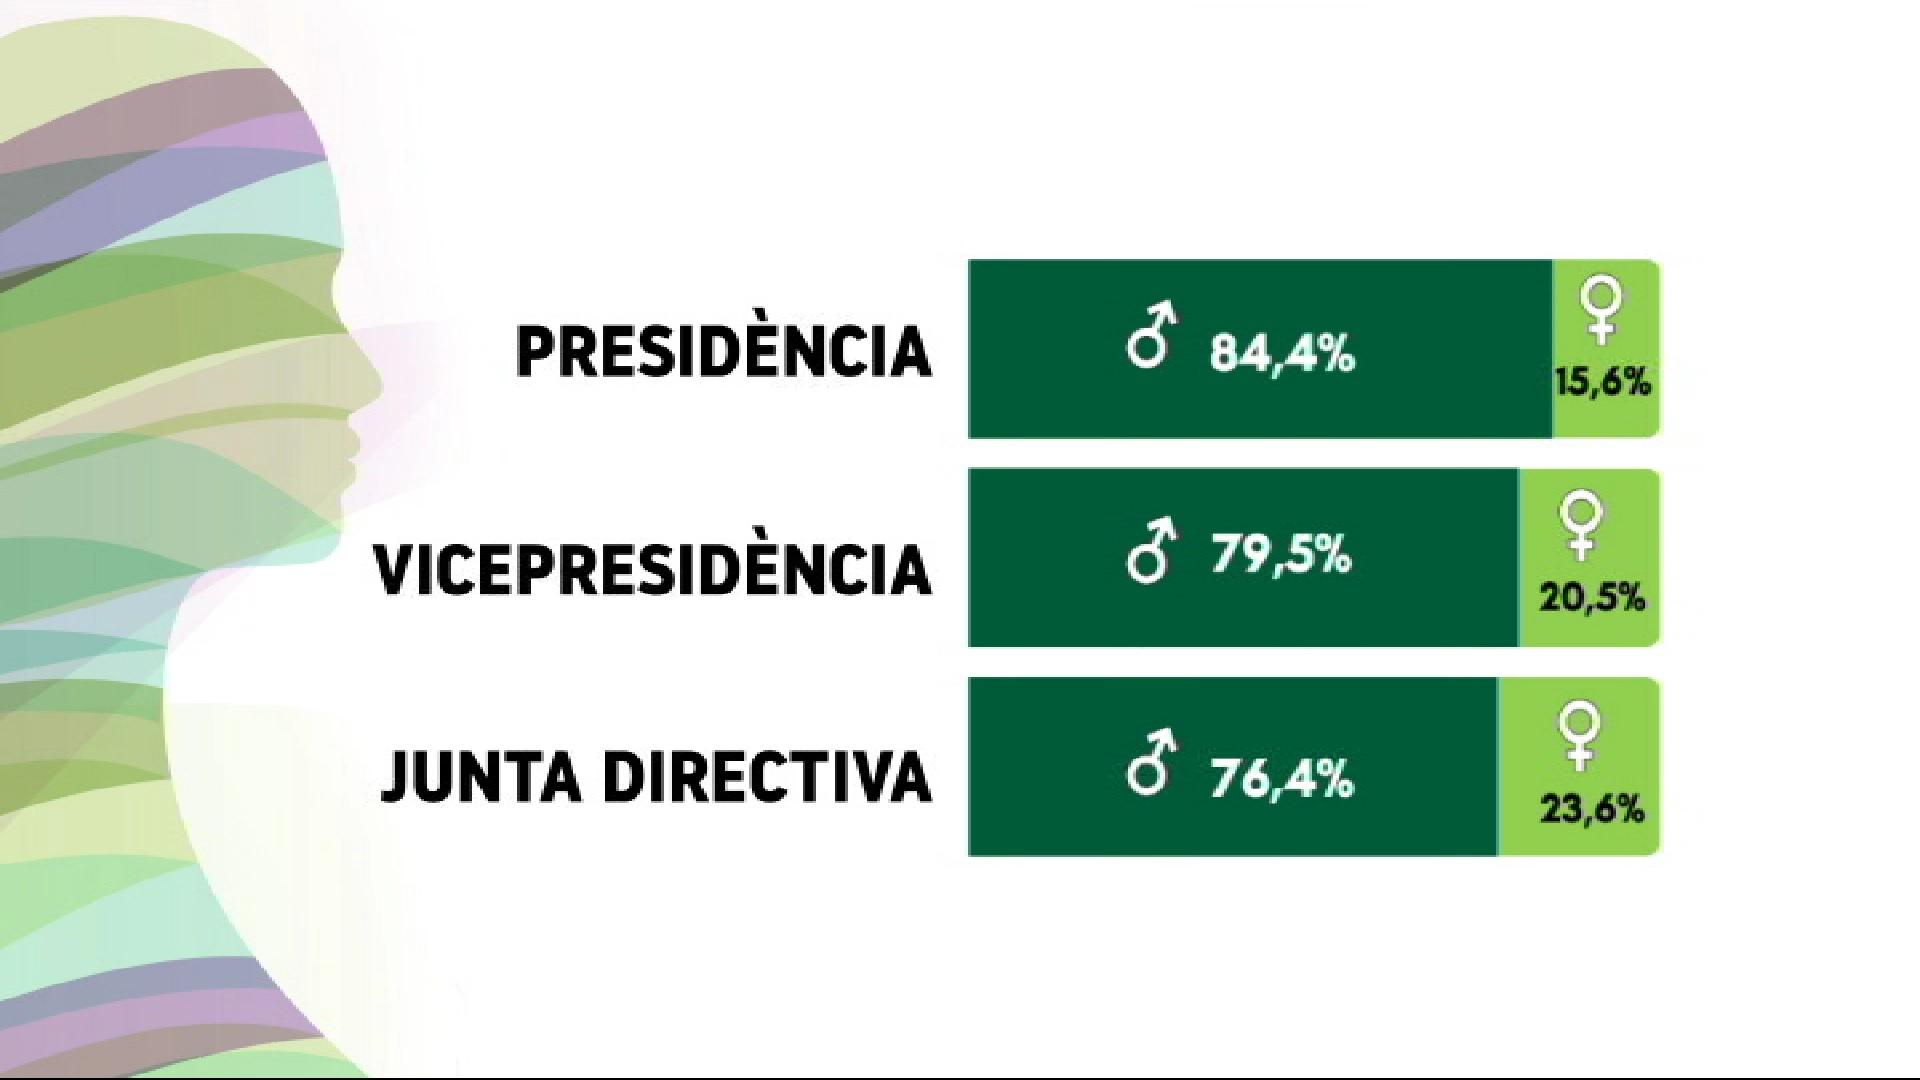 Un+informe+susp%C3%A8n+l%27esport+balear+en+igualtat